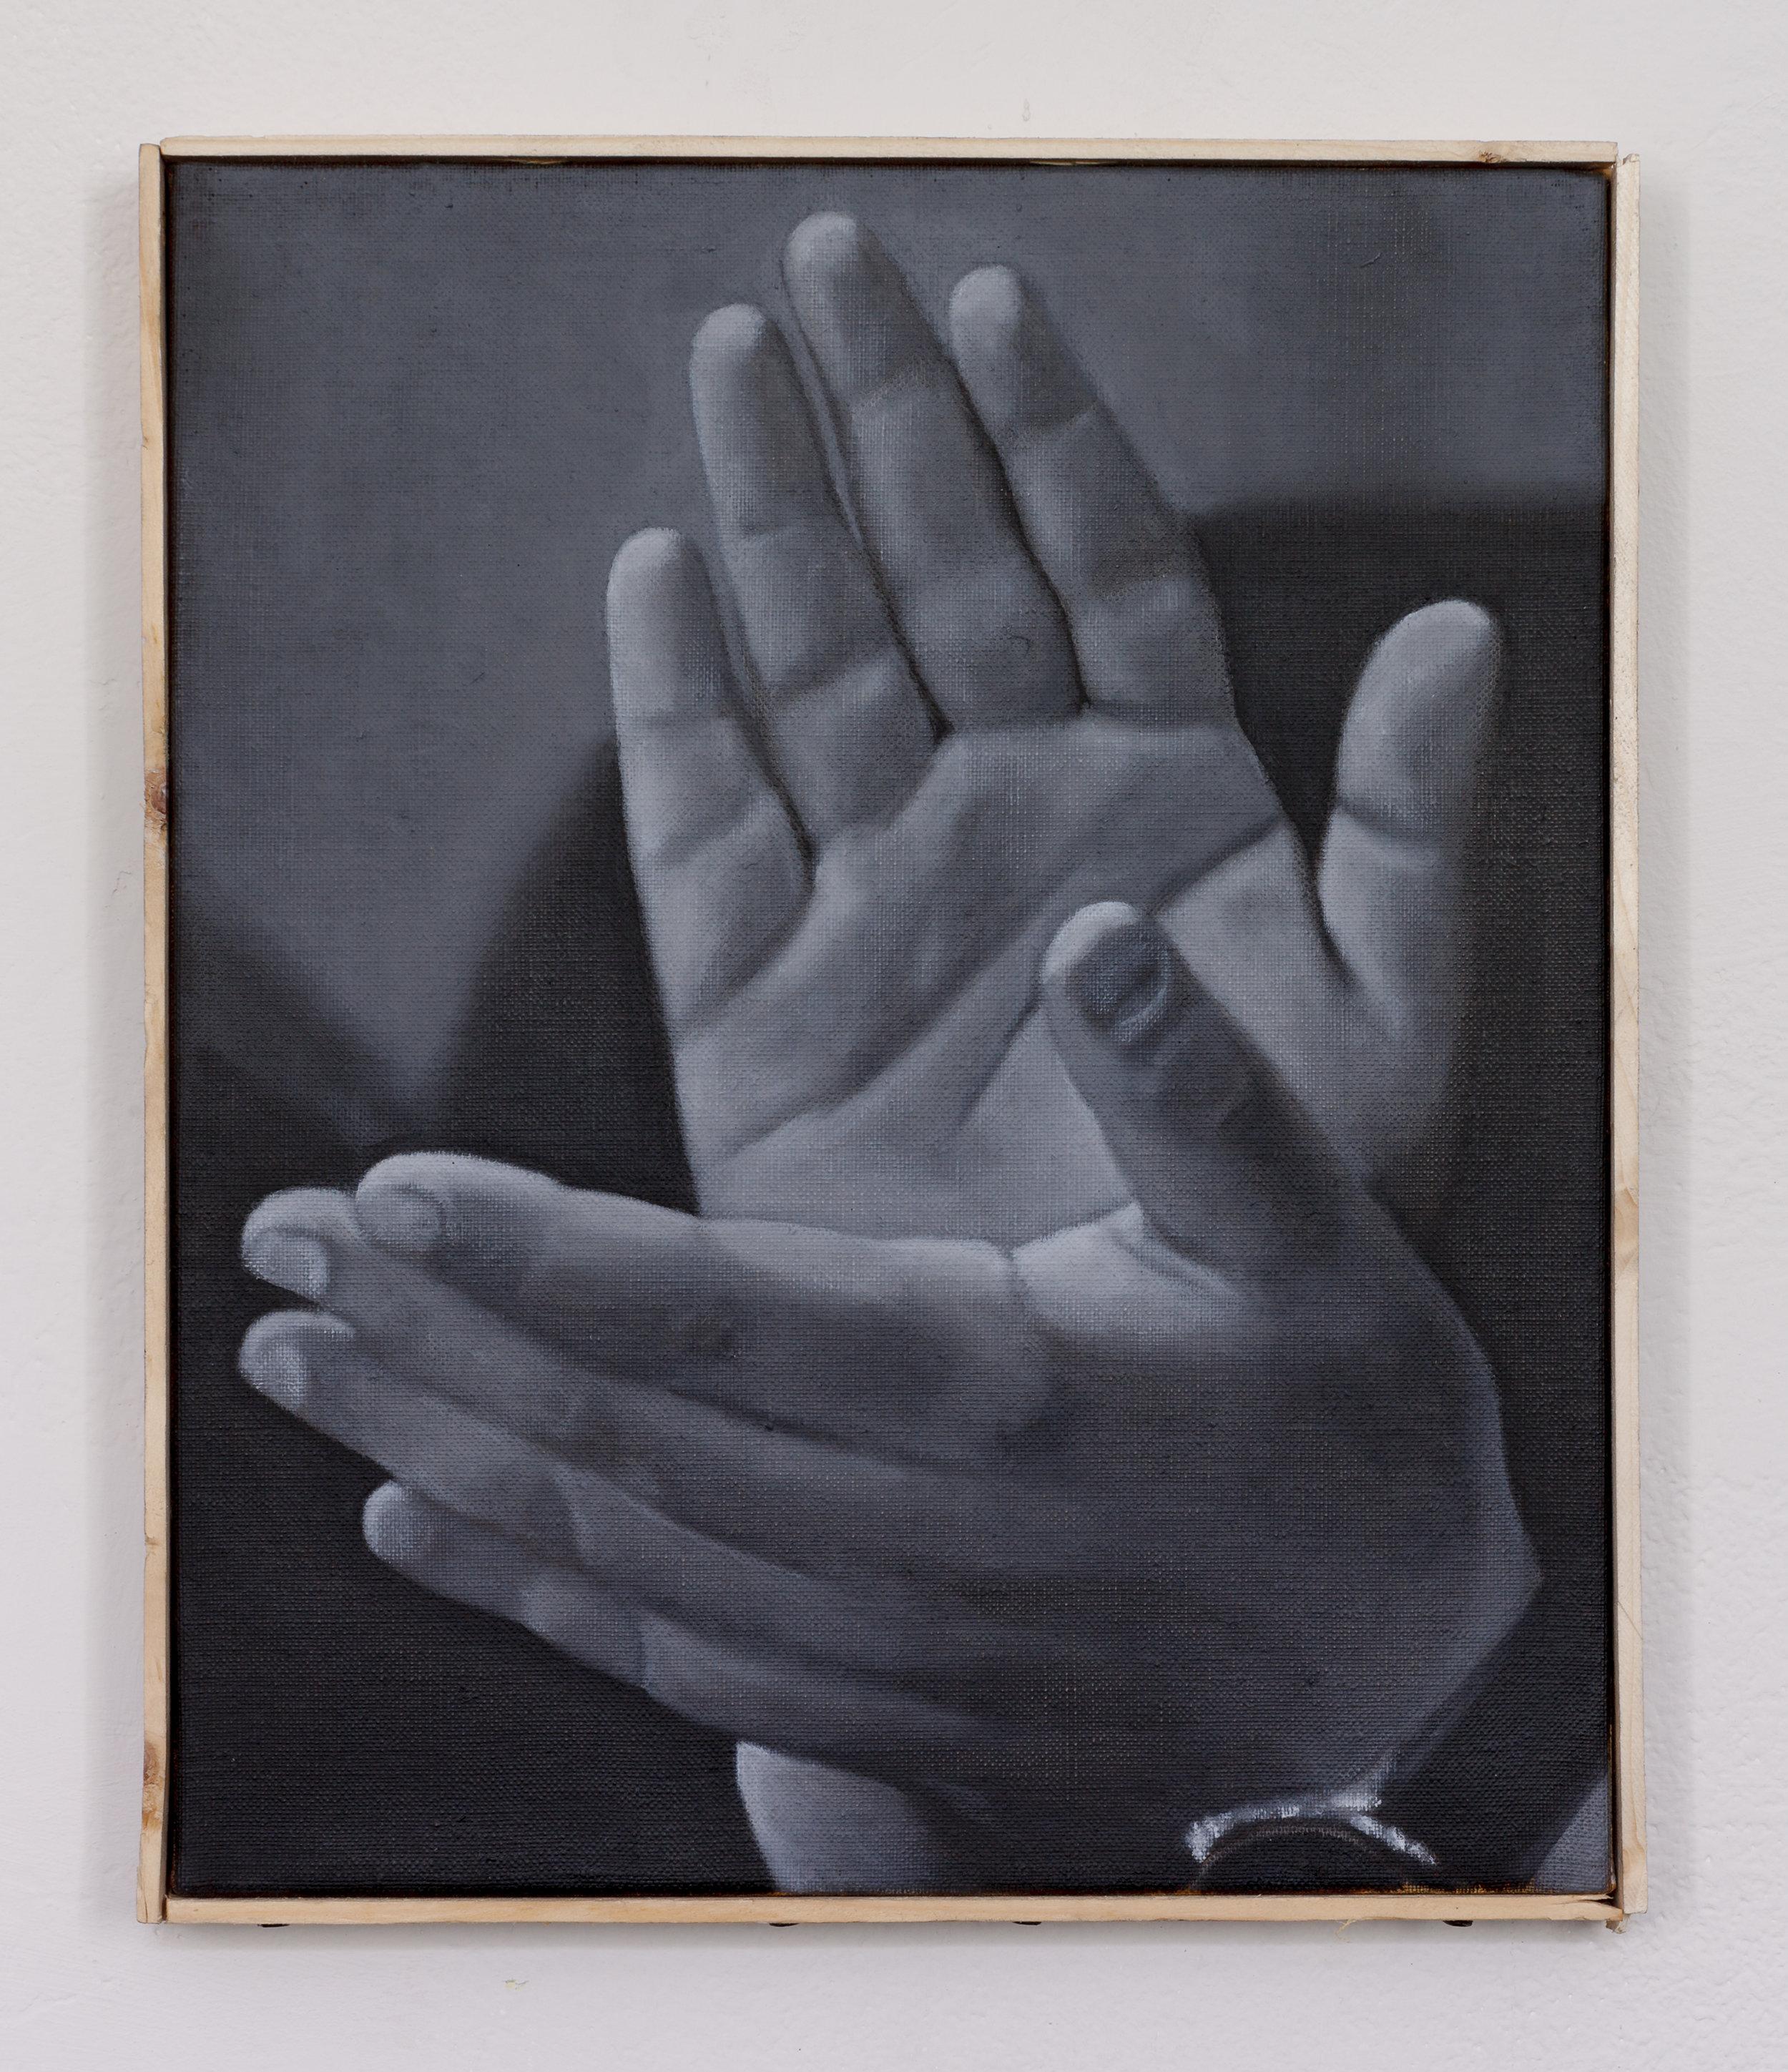 Hand clap   oil on linen   30 x 25cm